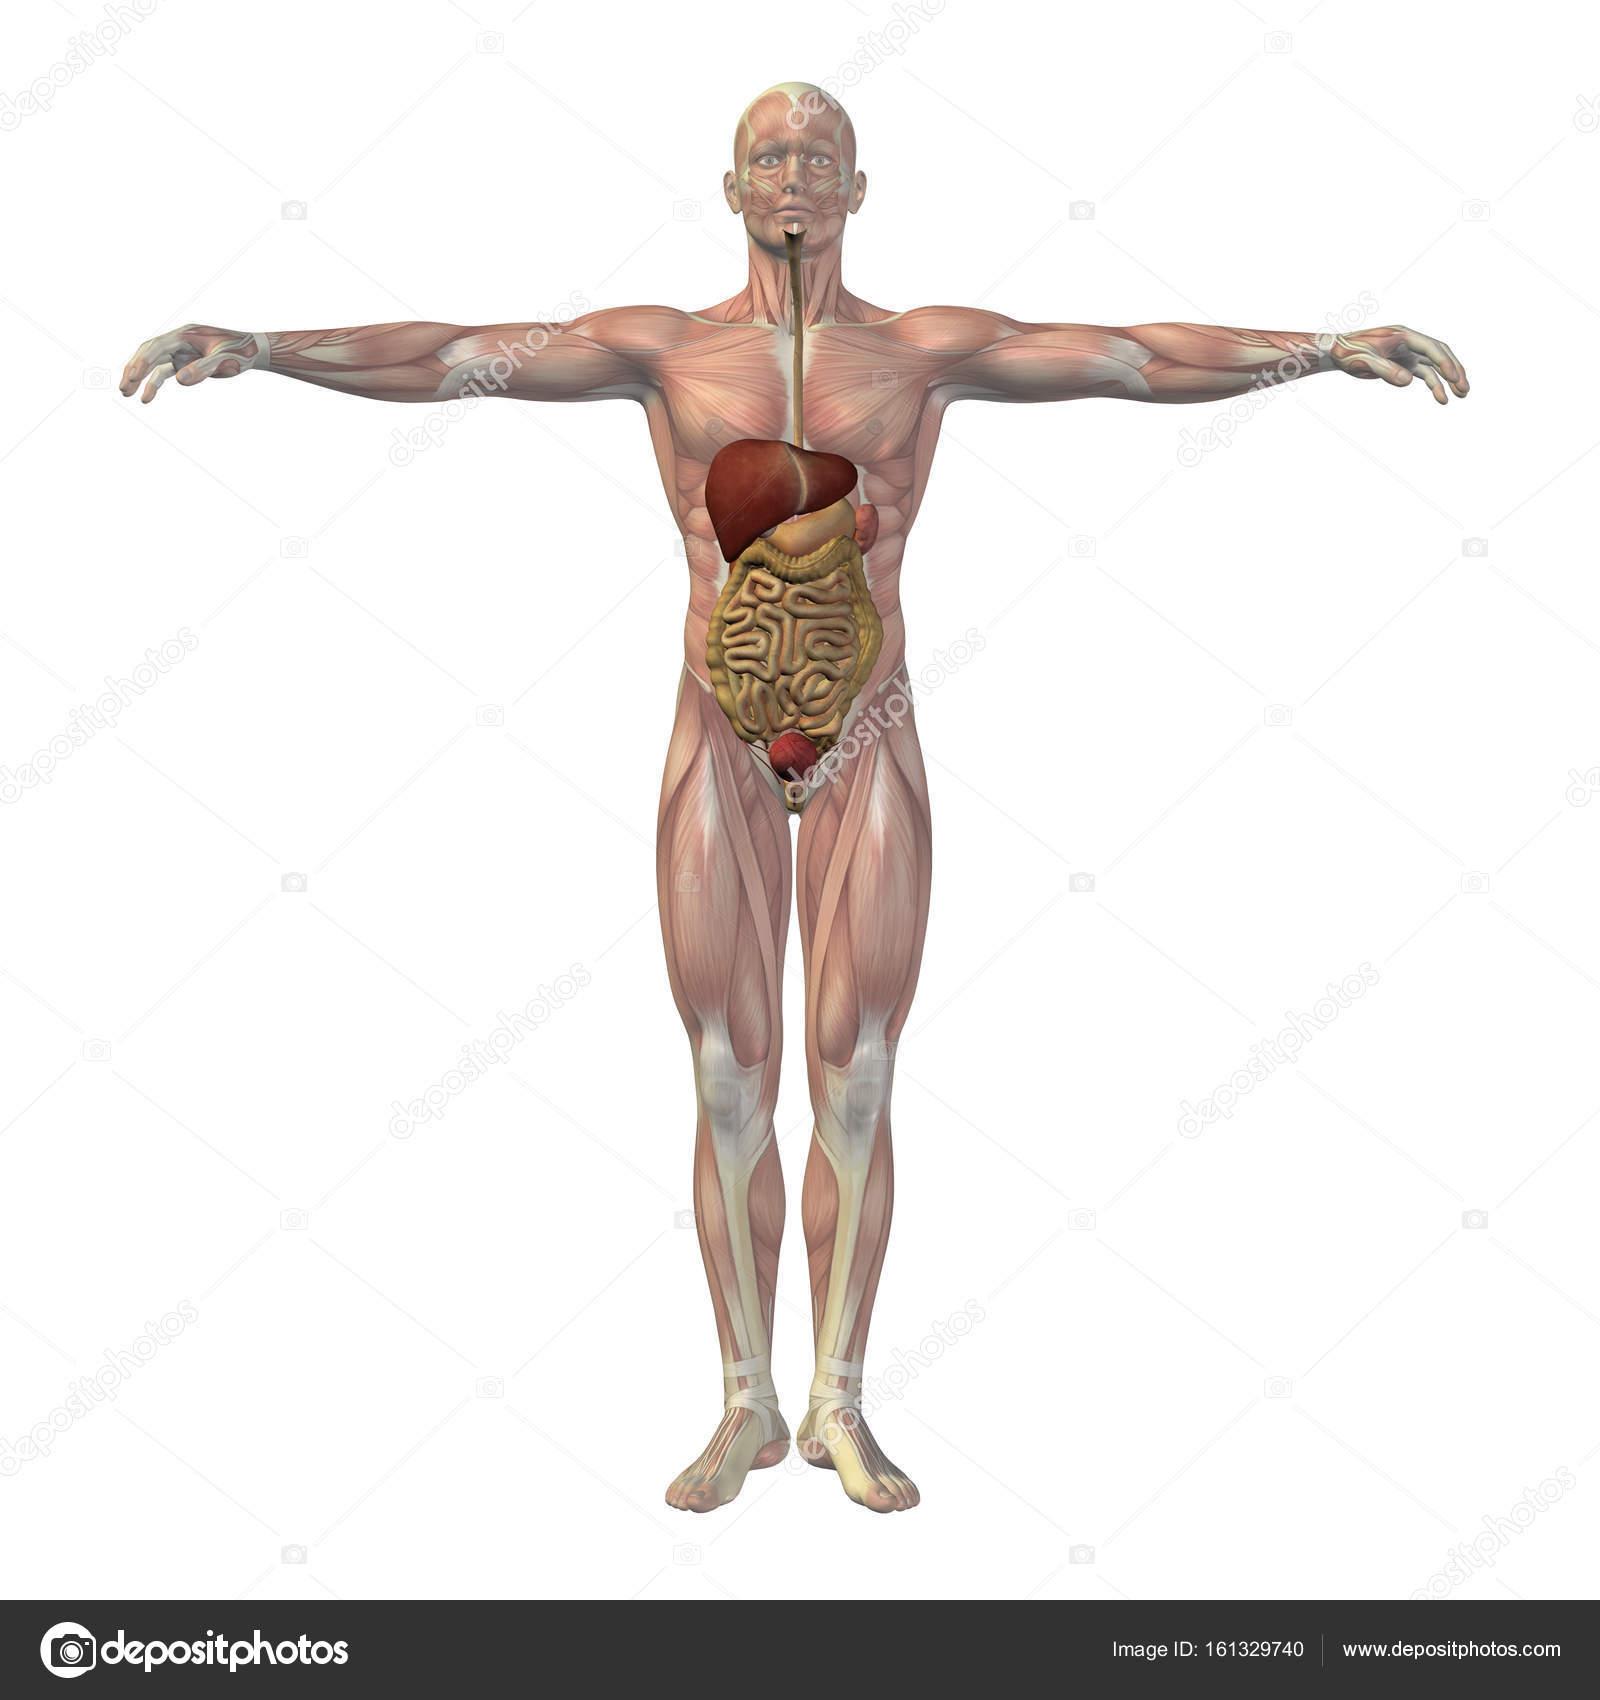 menschliche Anatomie Abbildung — Stockfoto © design36 #161329740